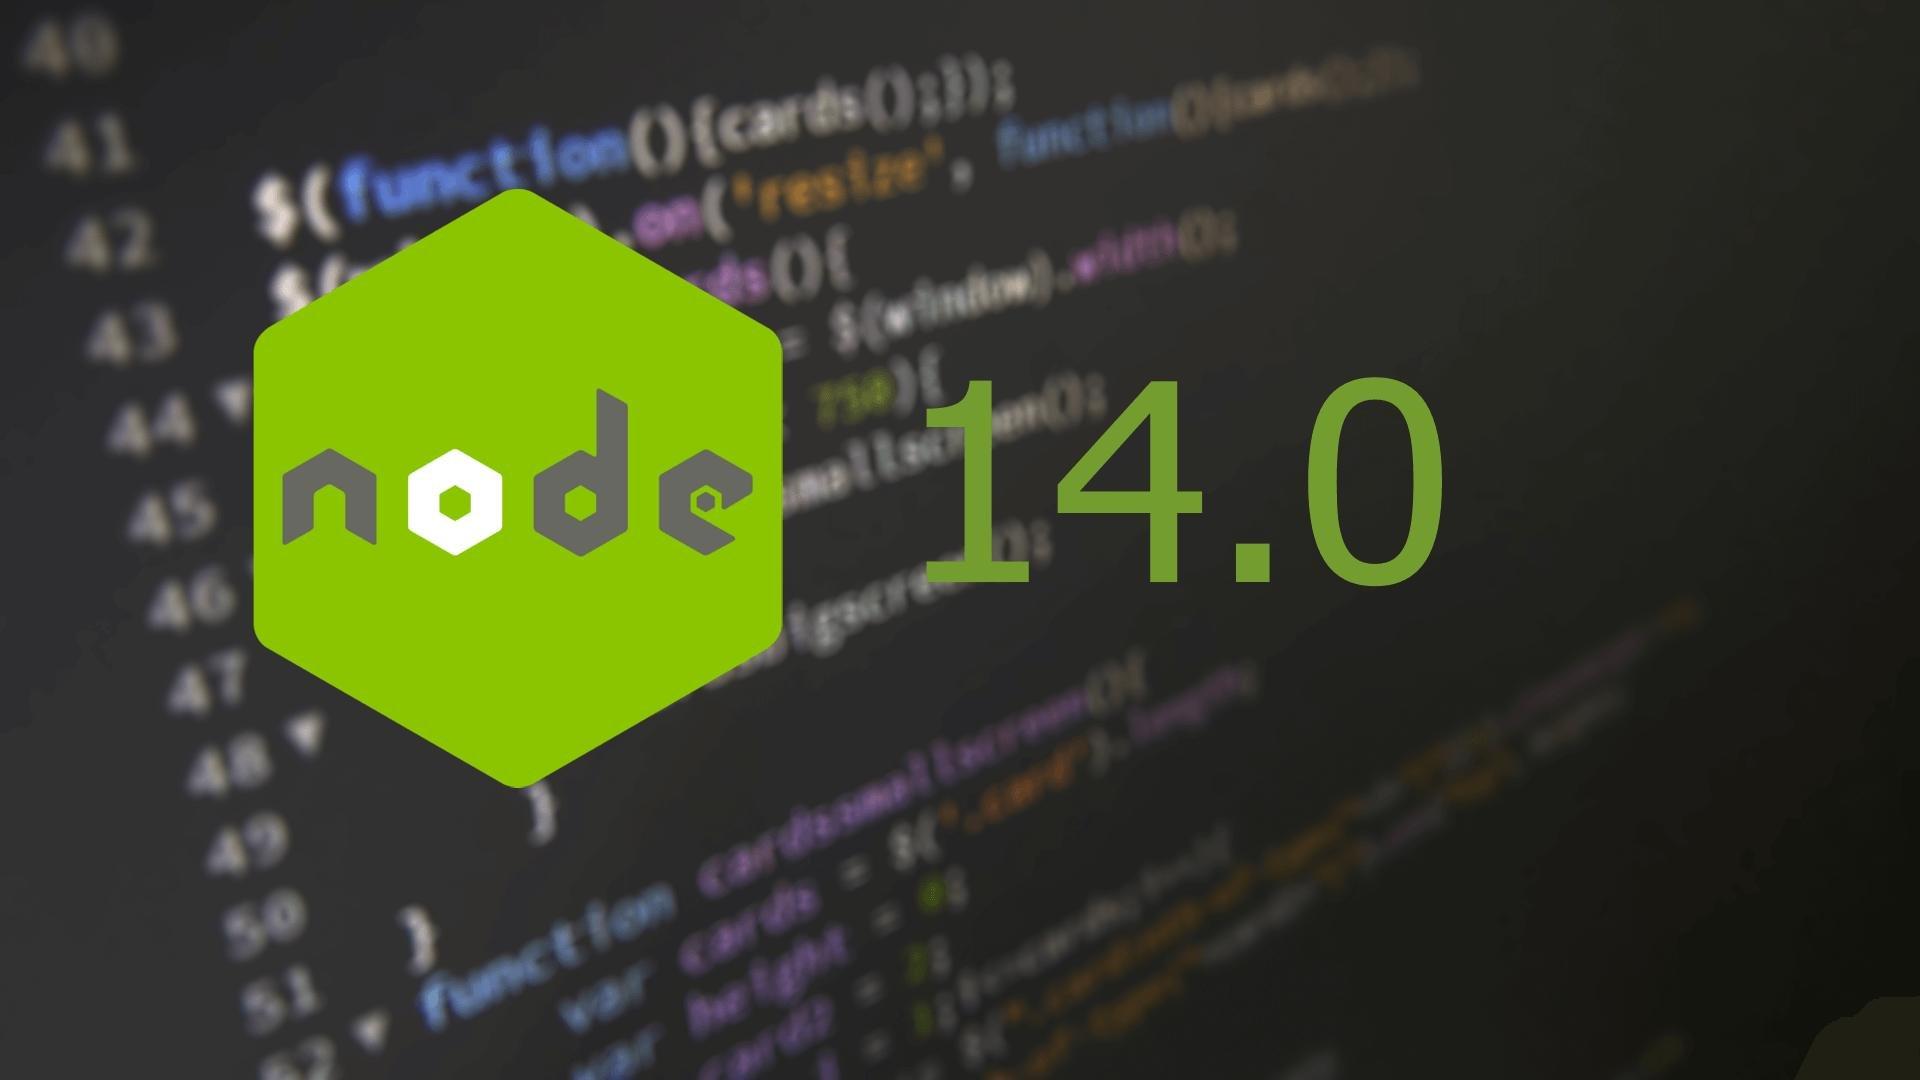 node.js 14.0